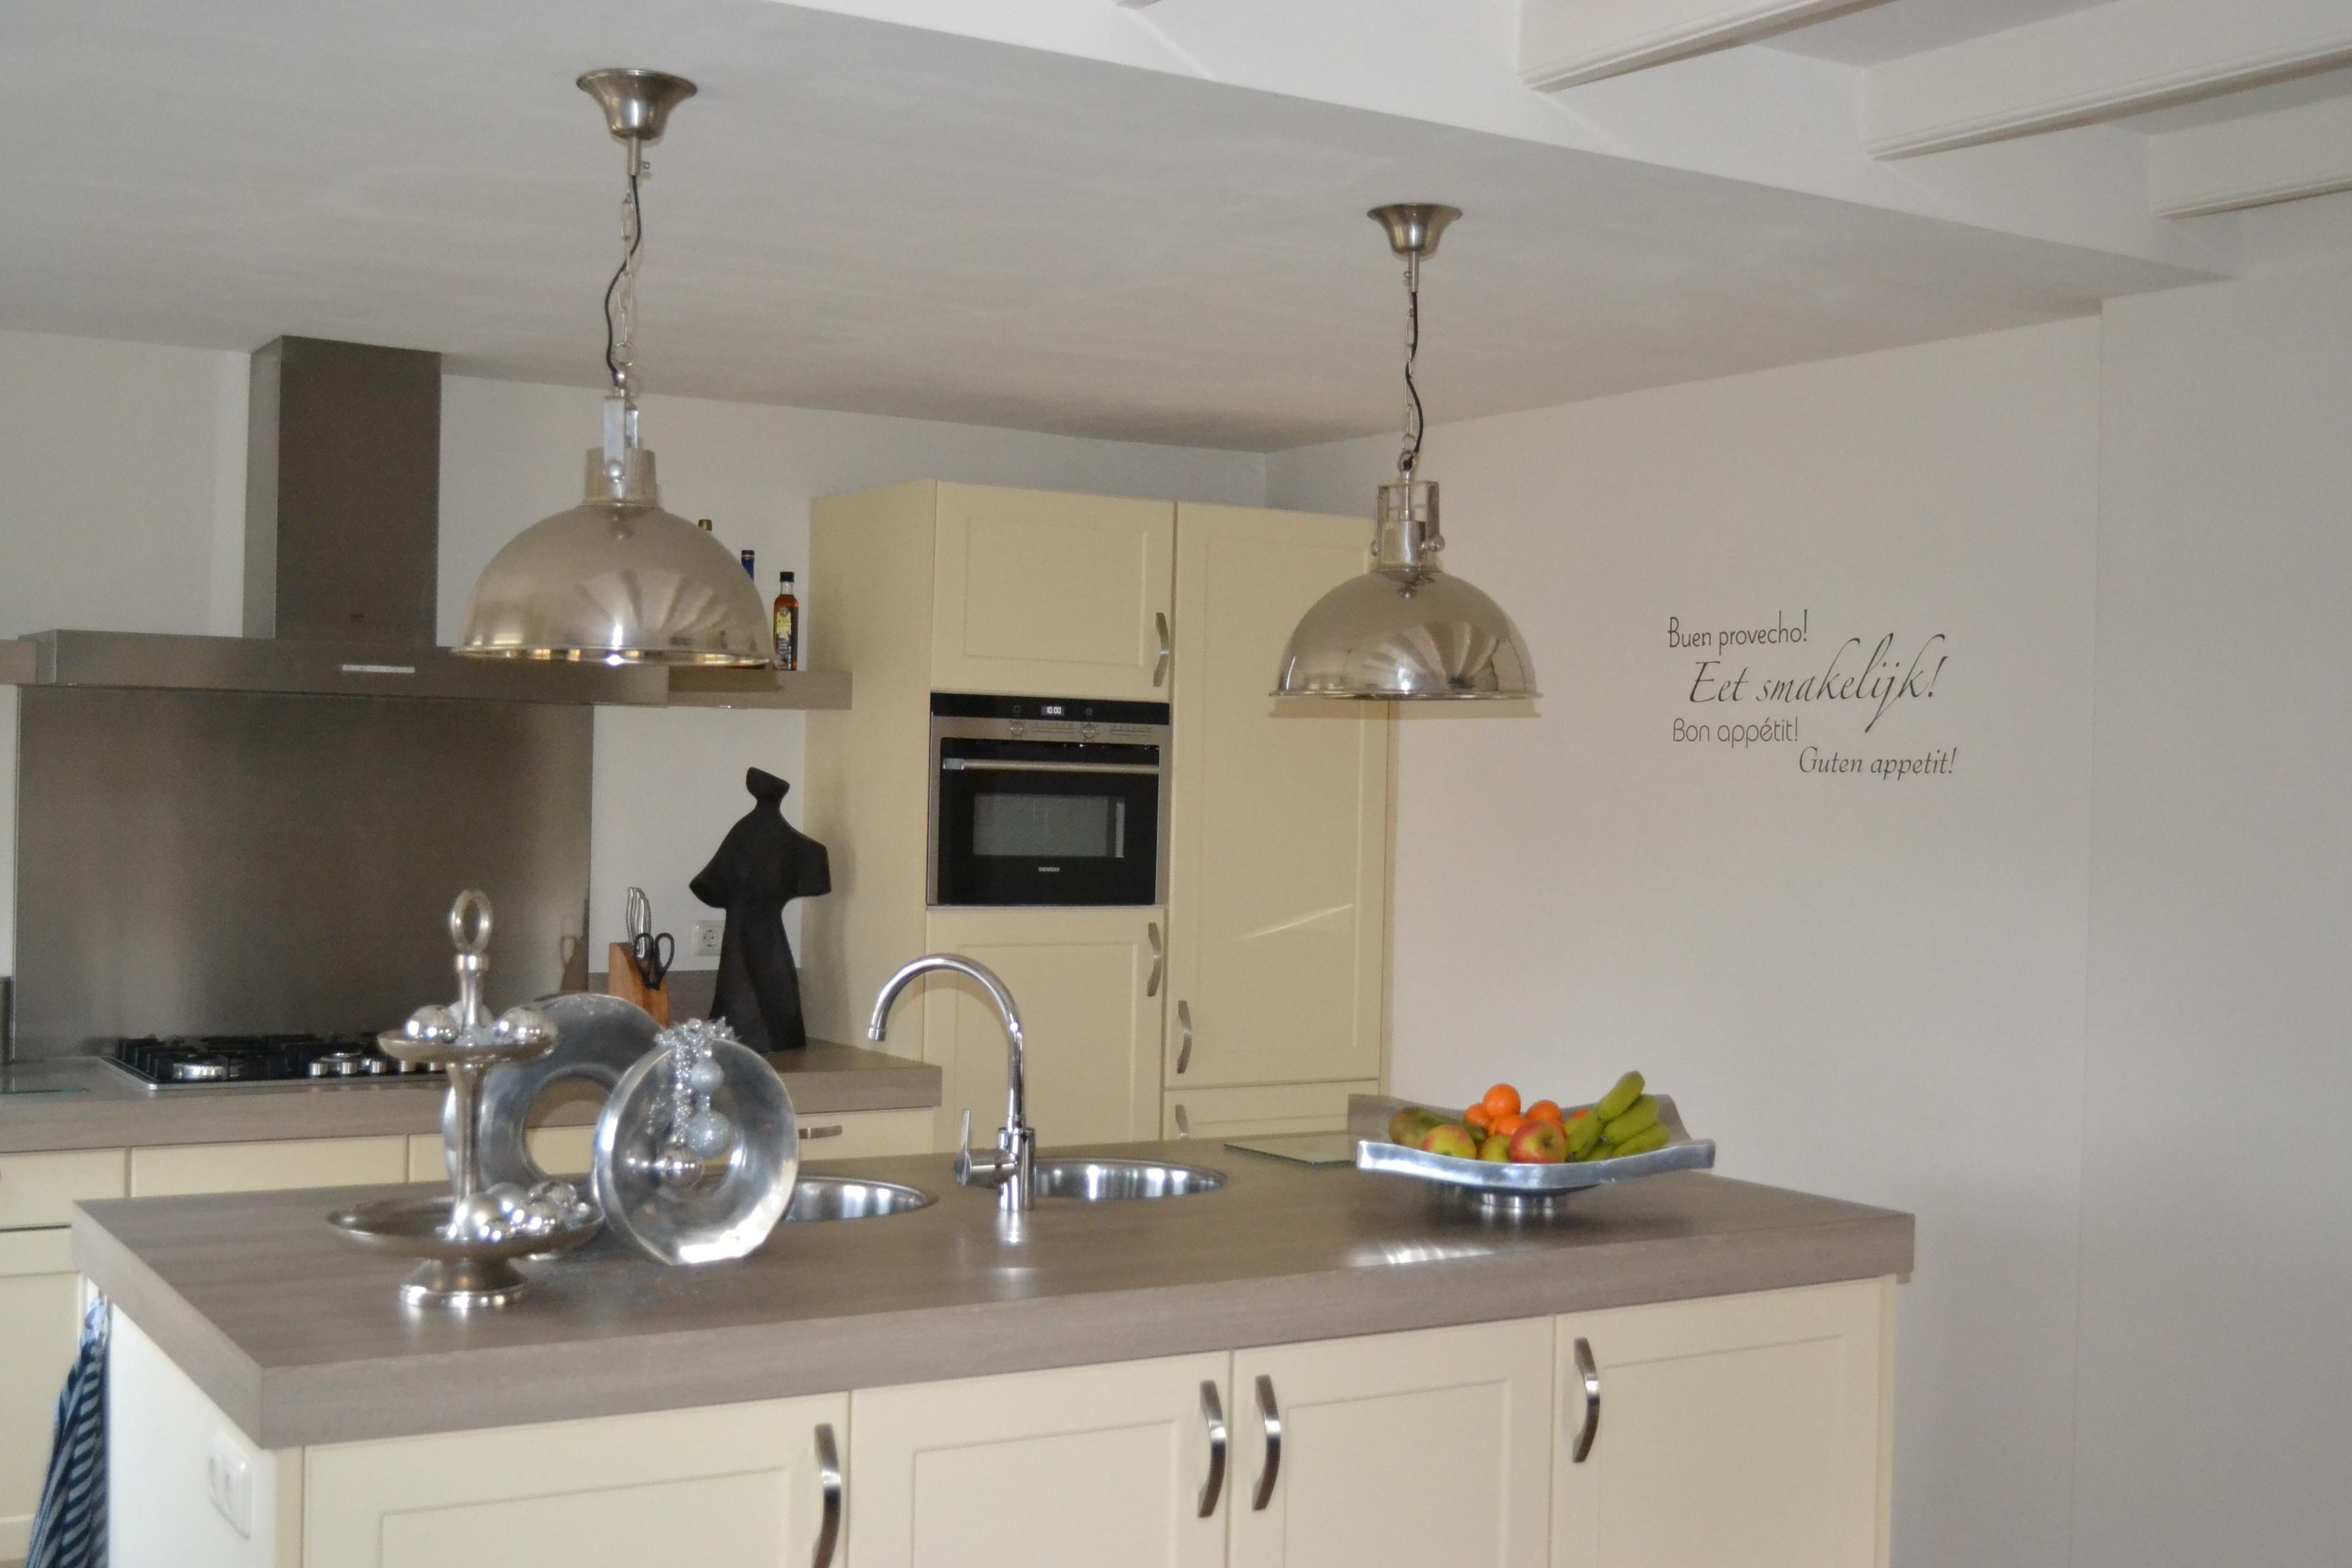 Keukenlamp Design : landelijke keukenlamp zilver tc 1007 stijlvolle zilveren keukenlamp